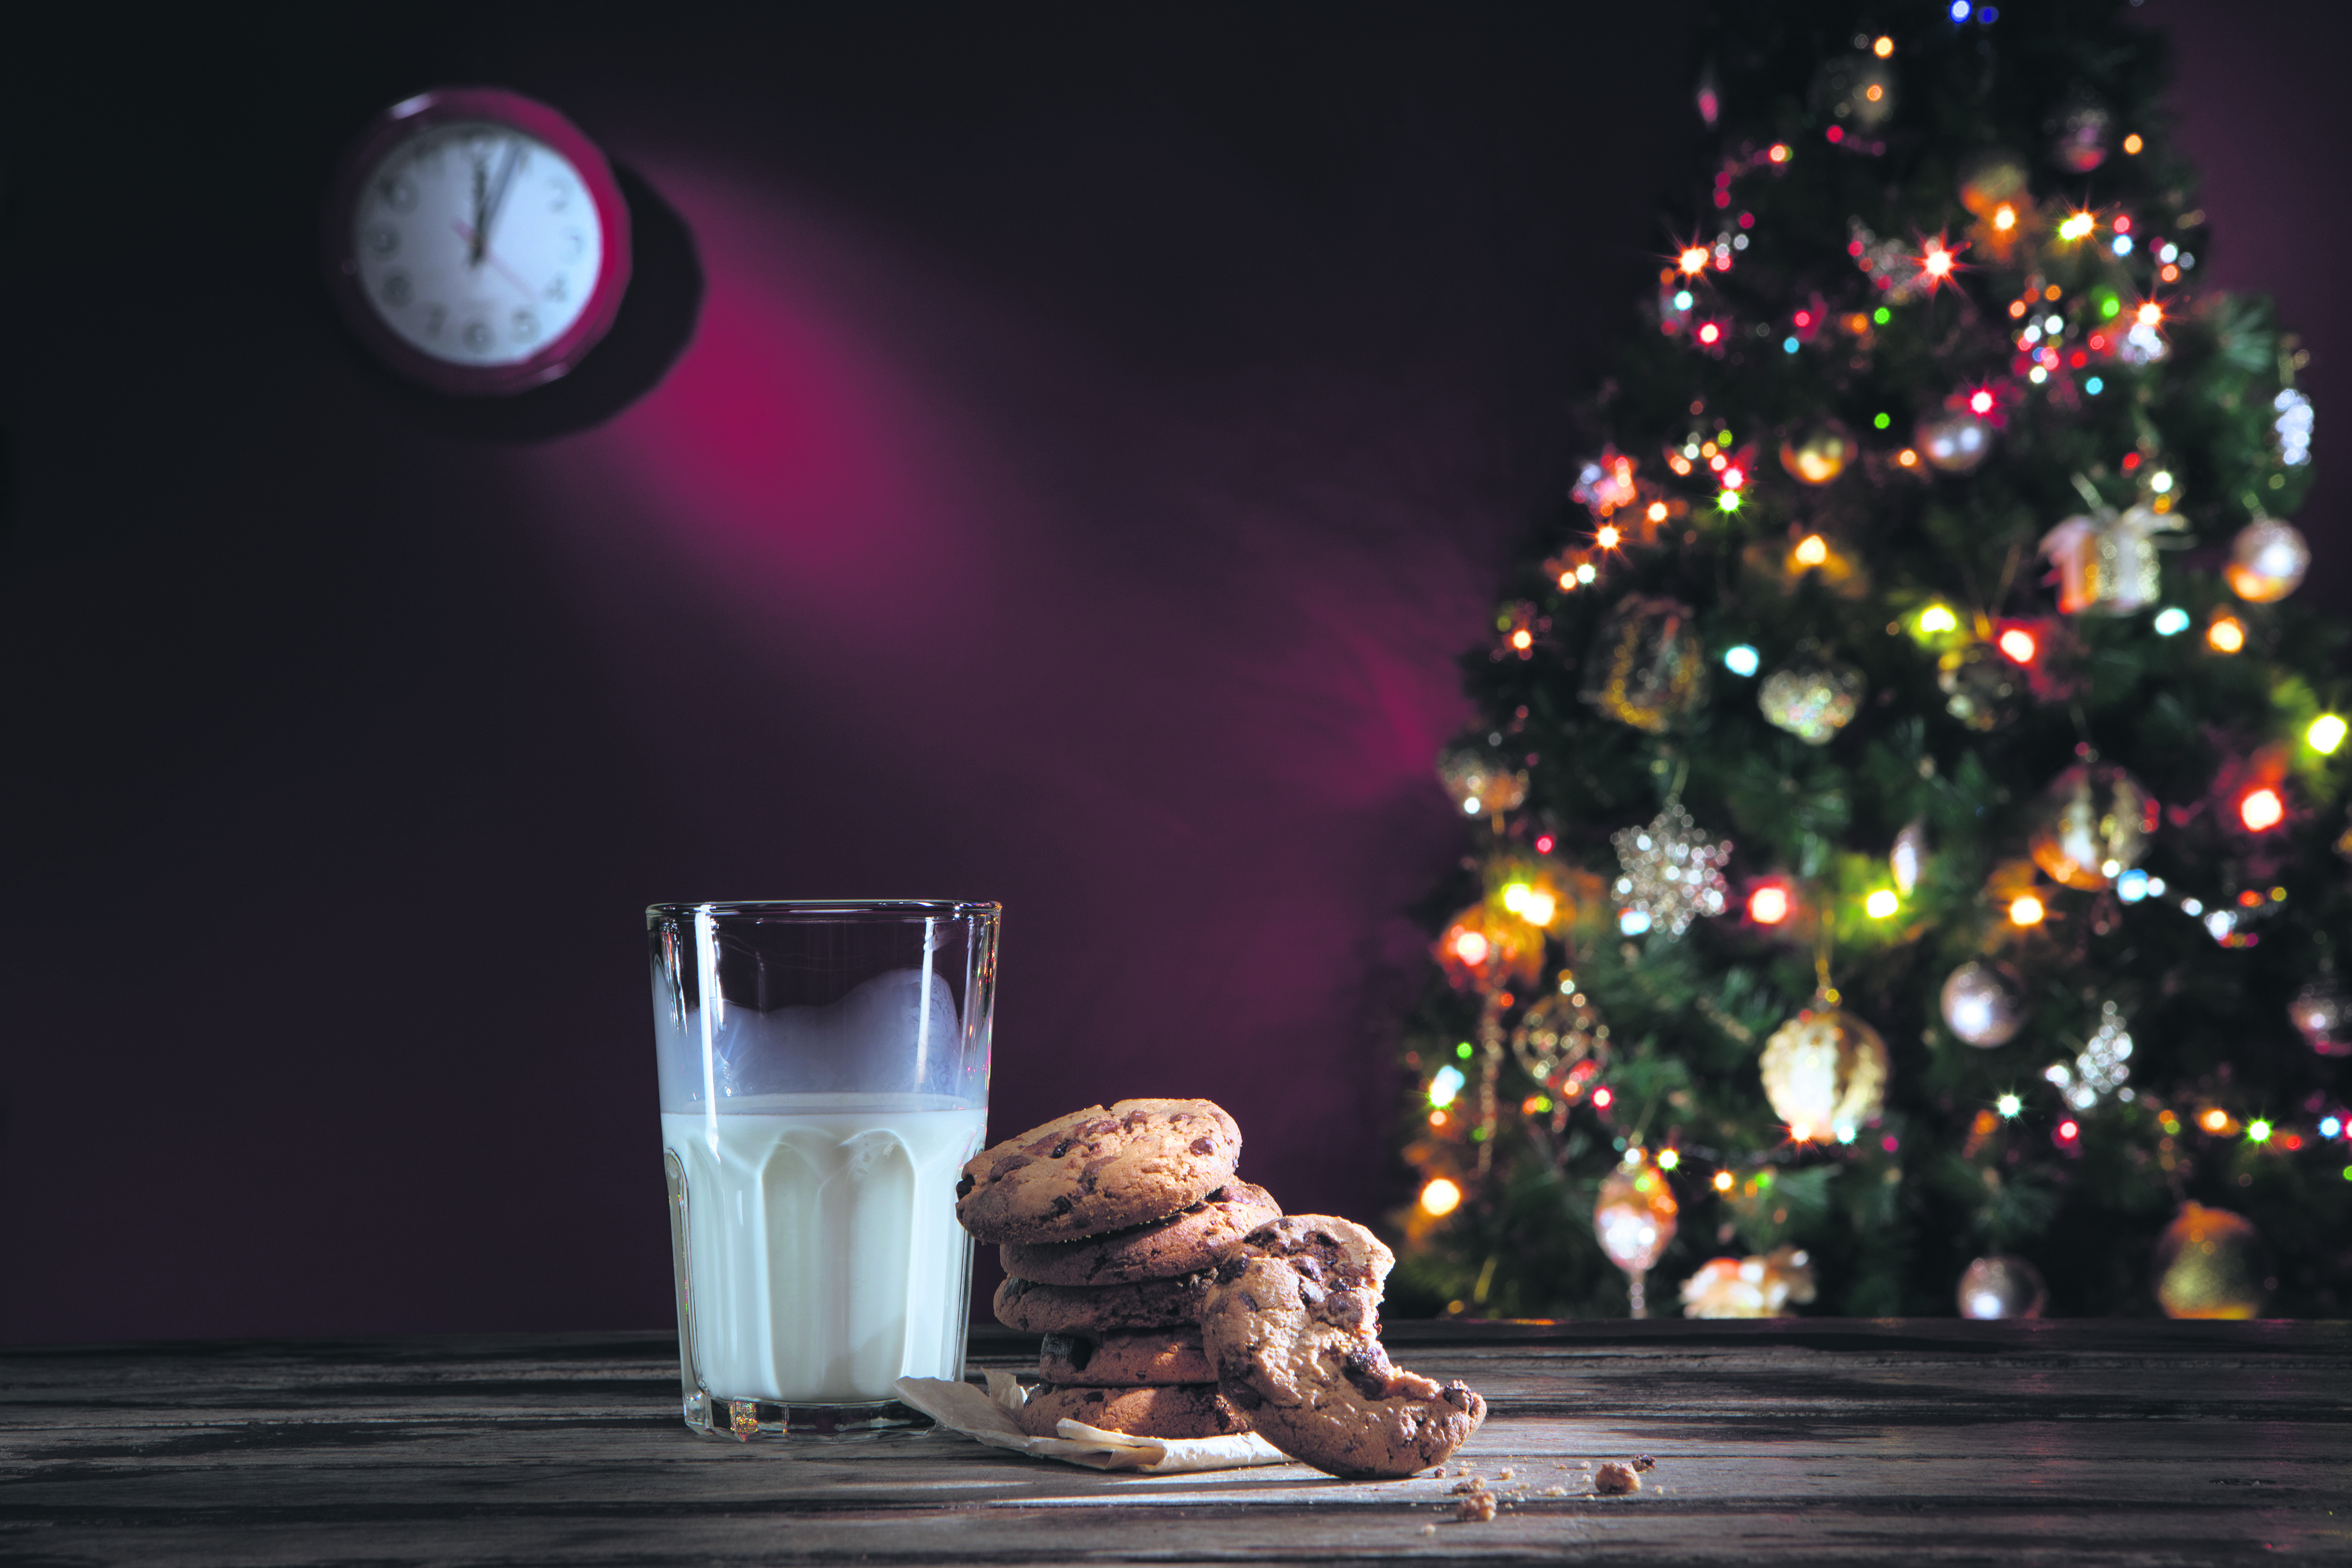 Вера в чудеса: как говорить с детьми про Деда Мороза